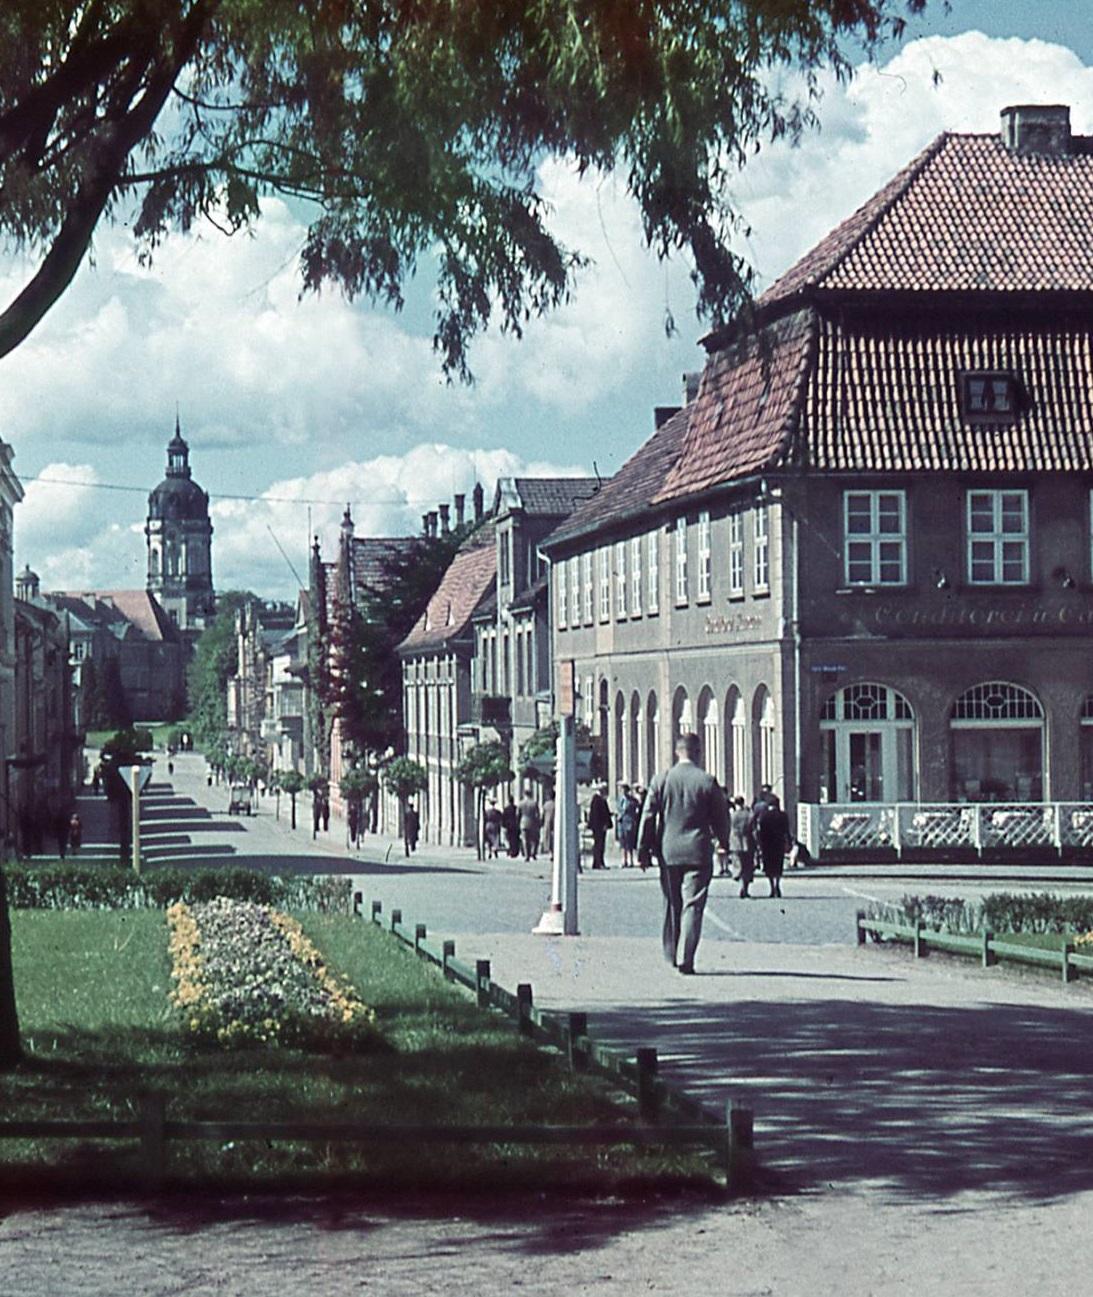 Schloss Neustrelitz Markt-Ansicht Turm Farbfoto um 1940 Ausschnitt Schlossturm Marktplatz